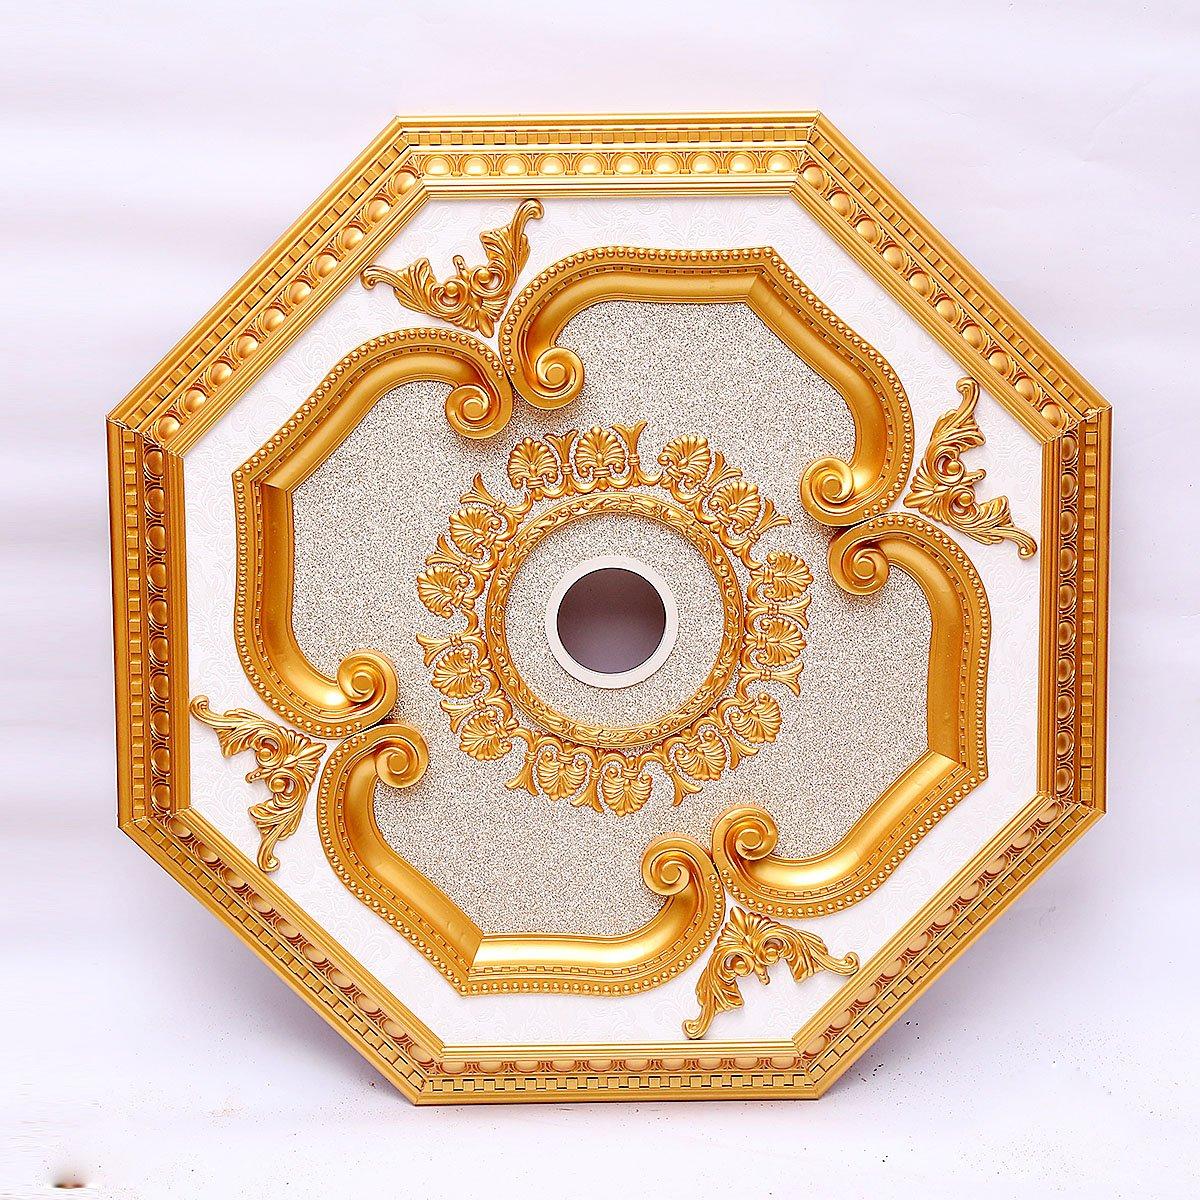 B&S Lighting OCT1S101-39 Inch Ceiling Medallion